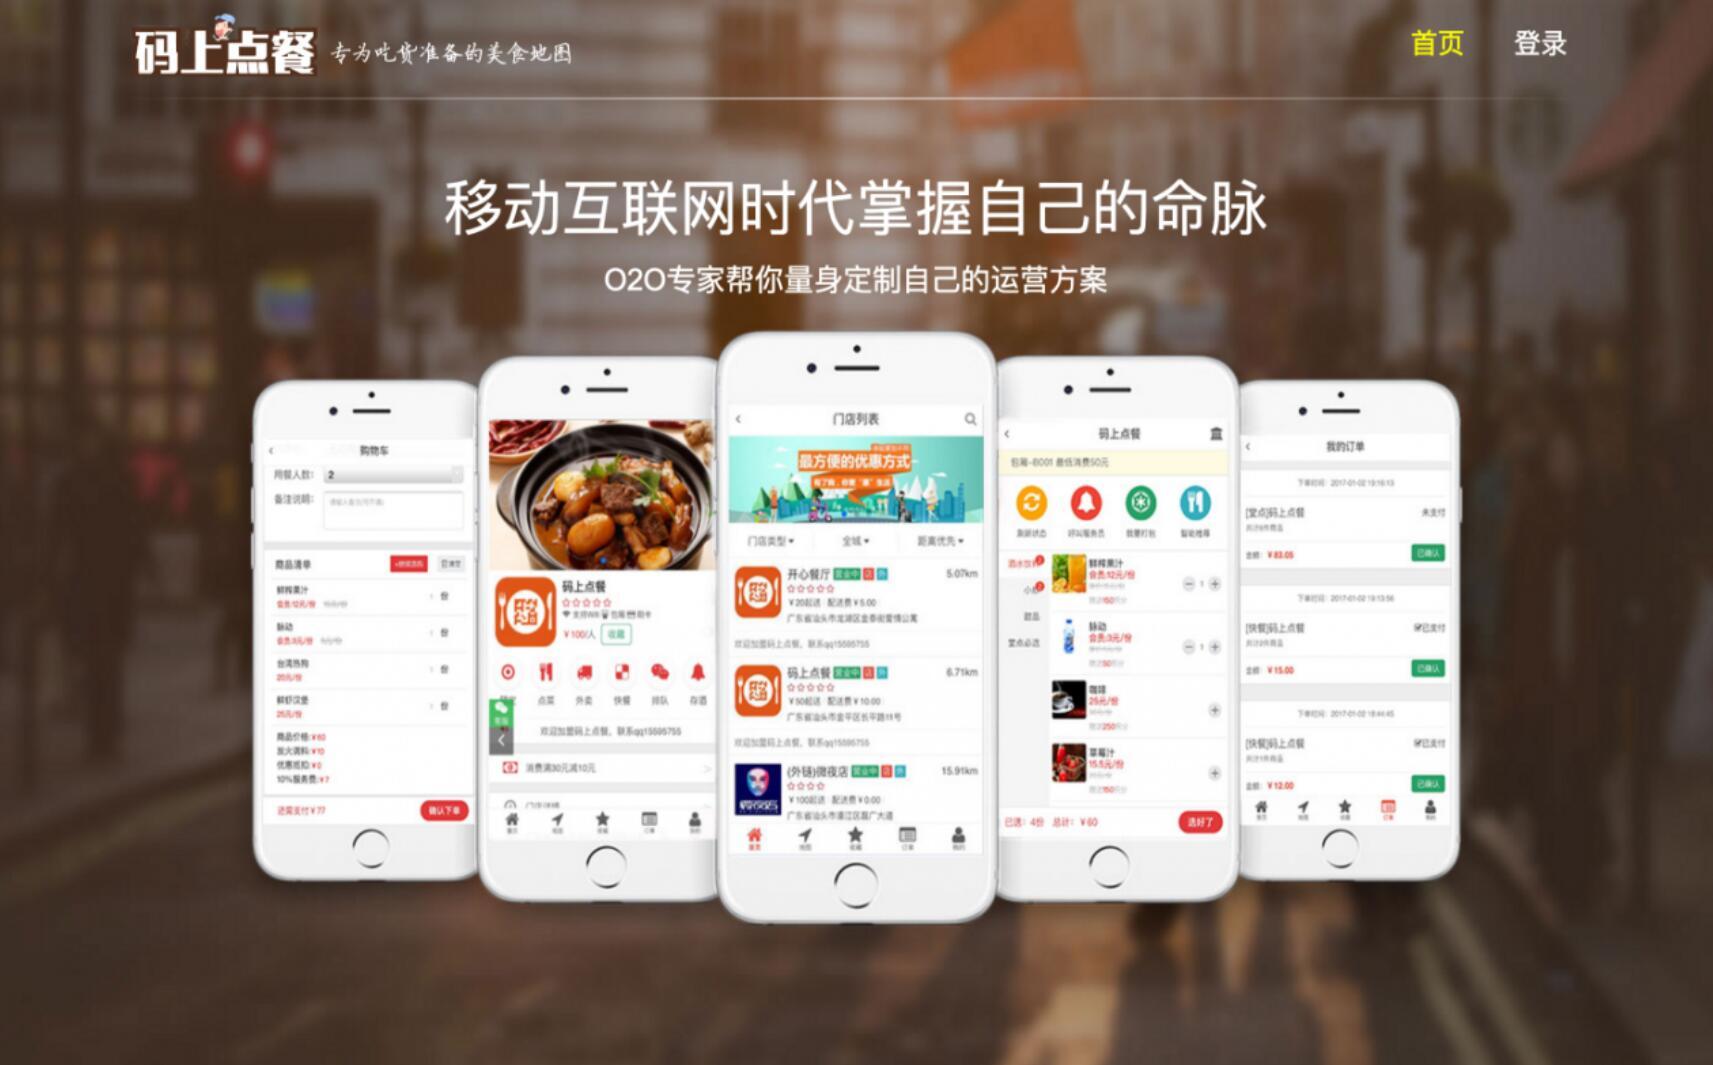 码上点餐-v8.5.1外卖餐饮系统公众号小程序+前端